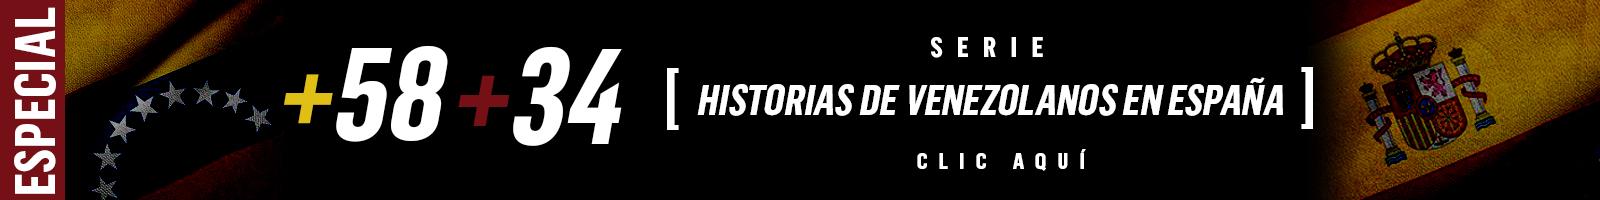 Serie Venezolanos en España 1